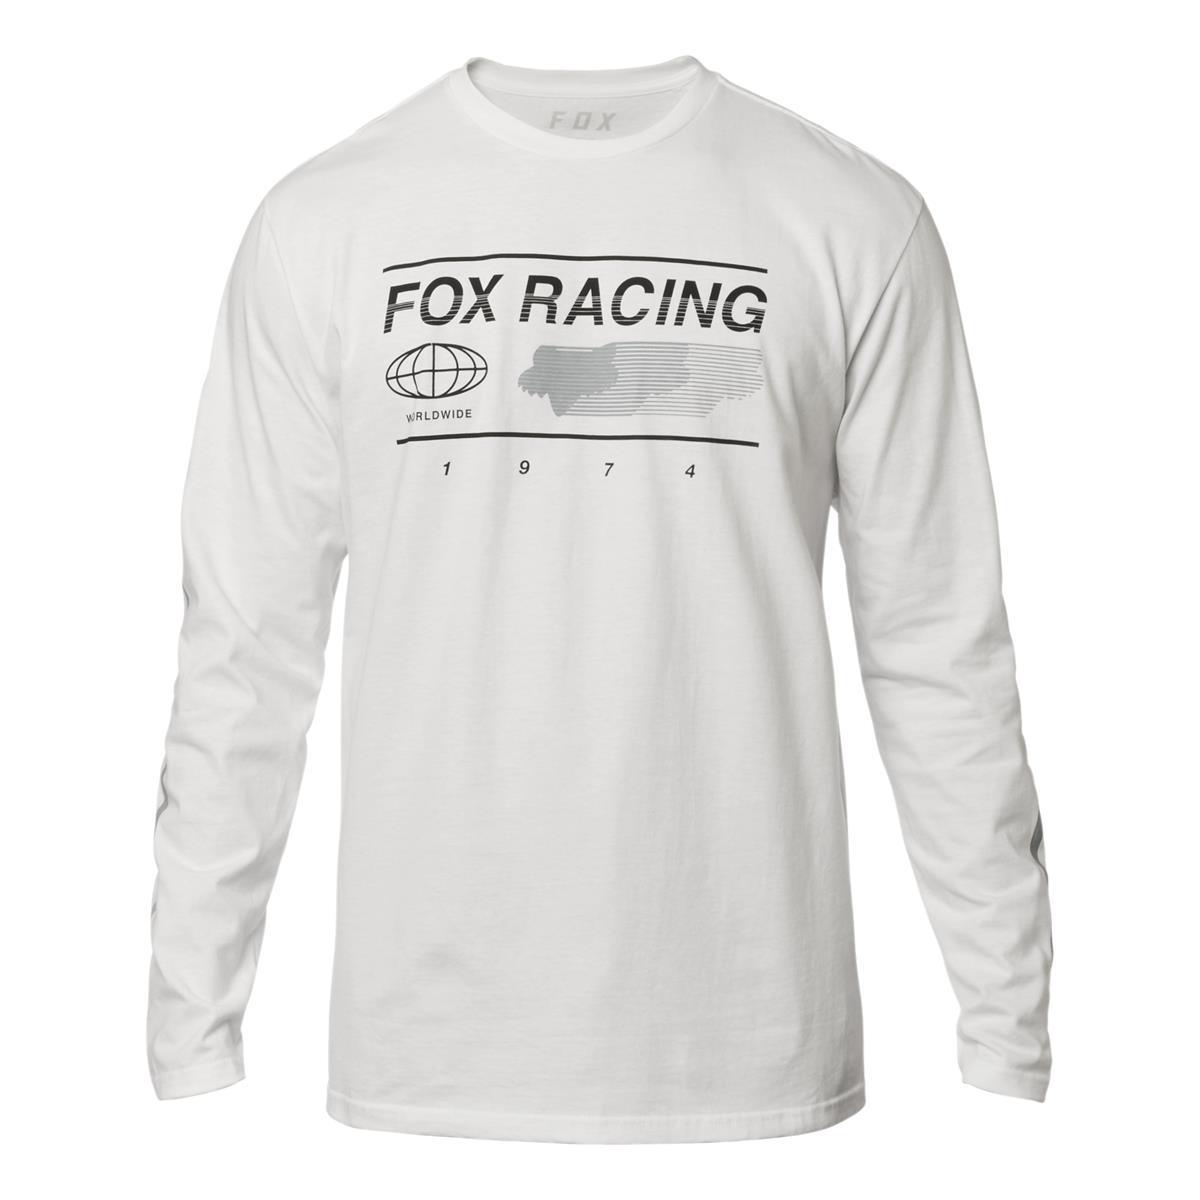 Fox Longsleeve Global Optic White